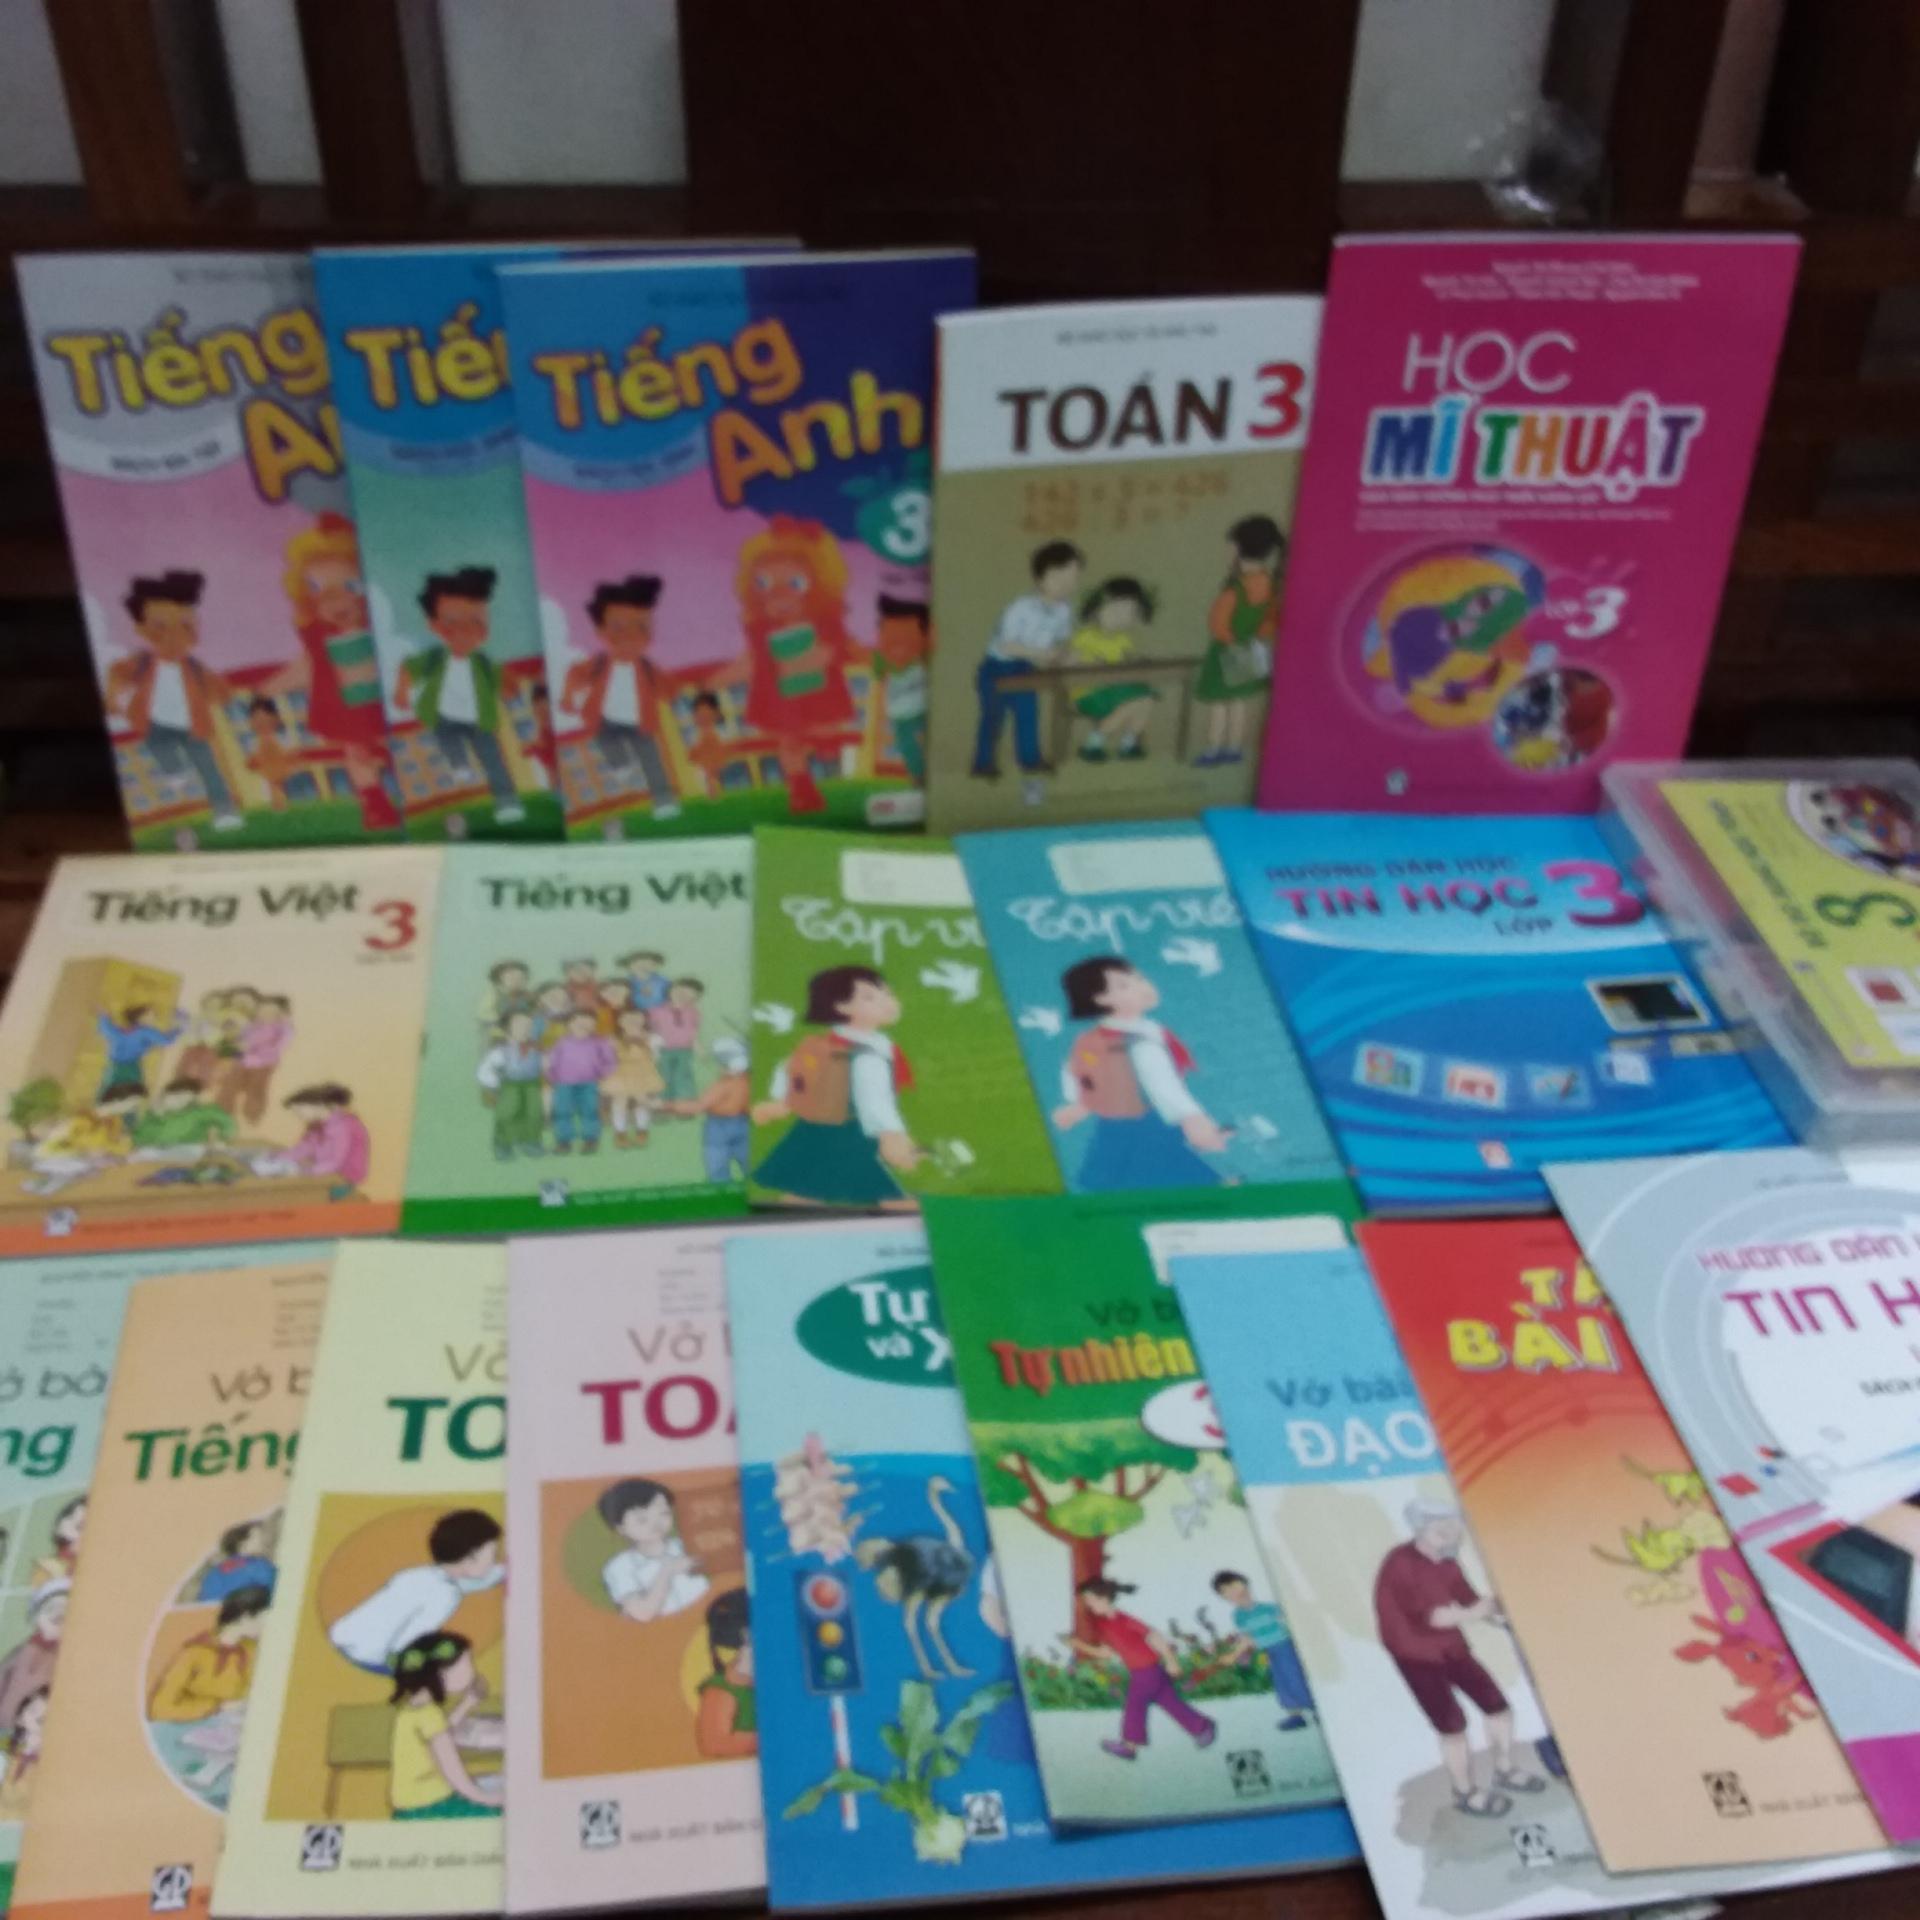 Mua Trọn Bộ sách giáo khoa lớp 3 ( gồm 20 cuốn +1 bộ đồ dùng học toán )